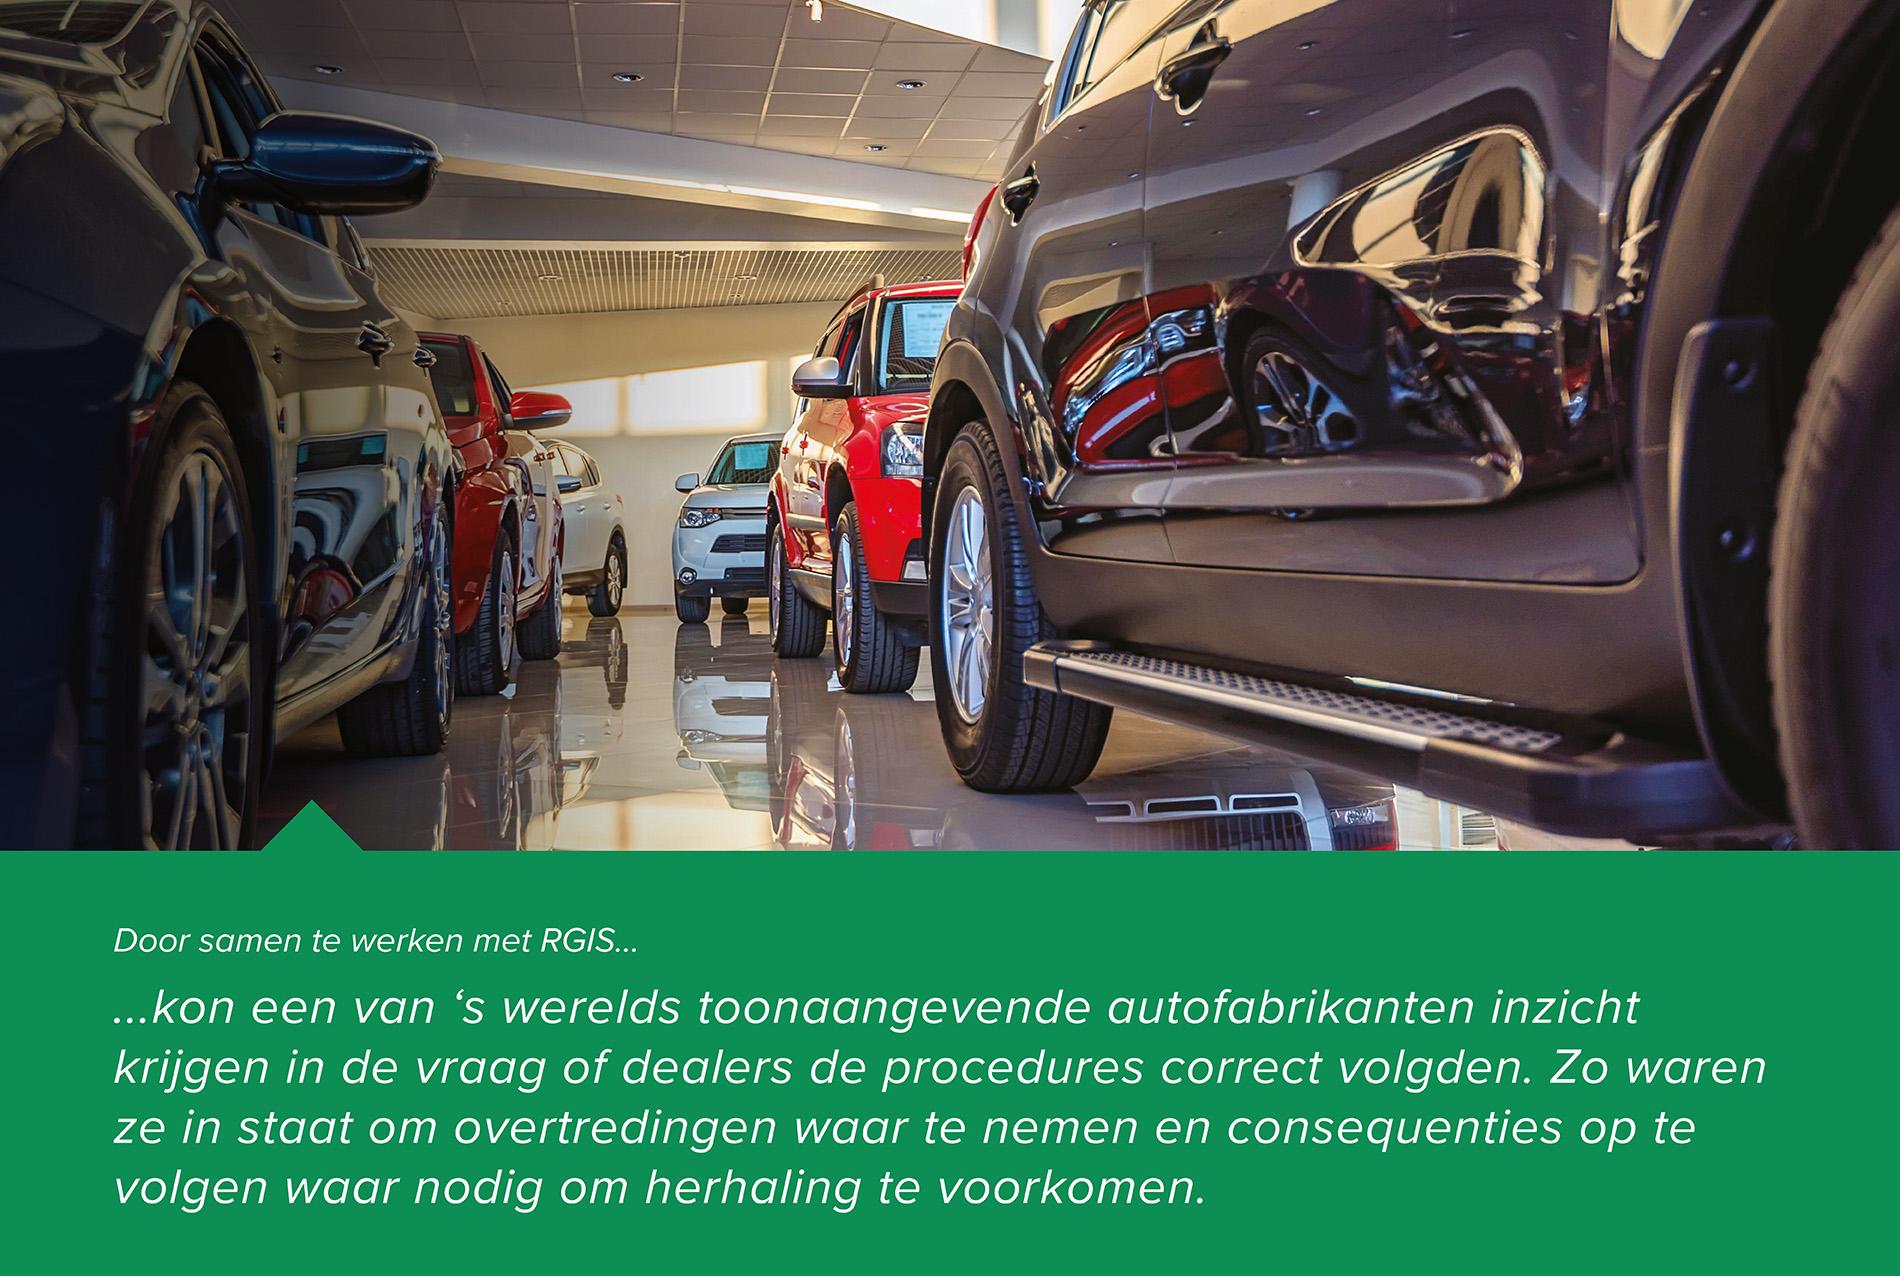 Voorraadcontrole voor een autofabrikant